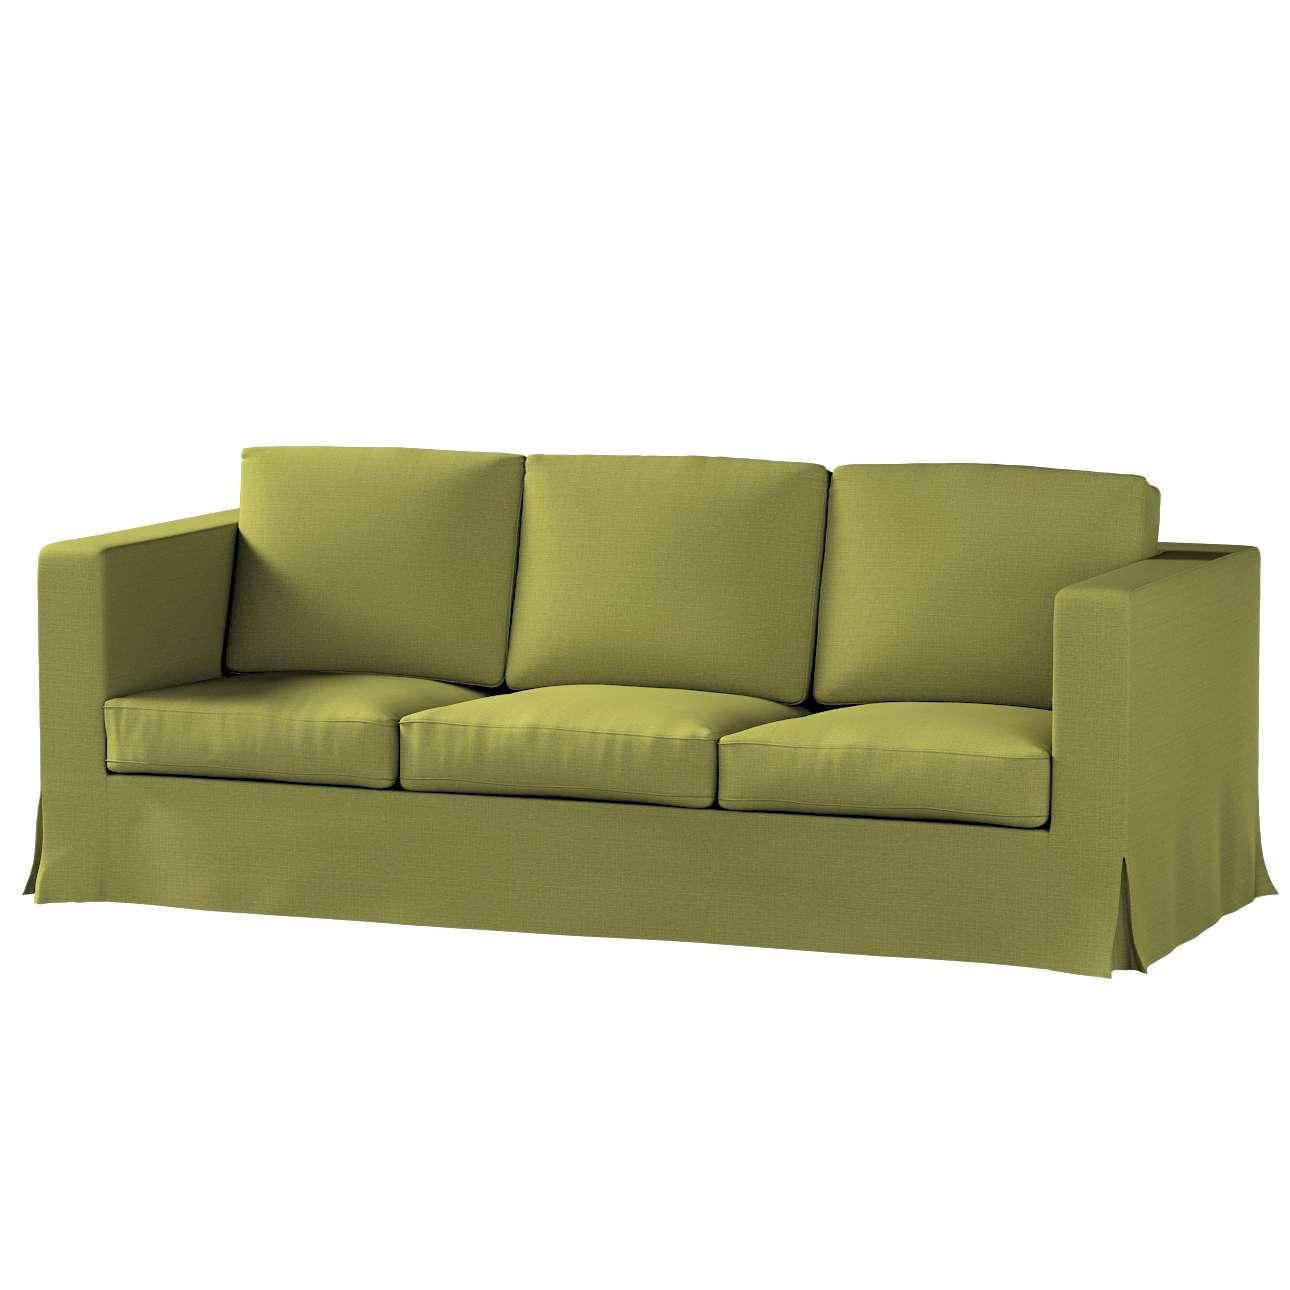 Potah na pohovku IKEA  Karlanda 3-místná nerozkládací, dlouhý v kolekci Living II, látka: 161-13